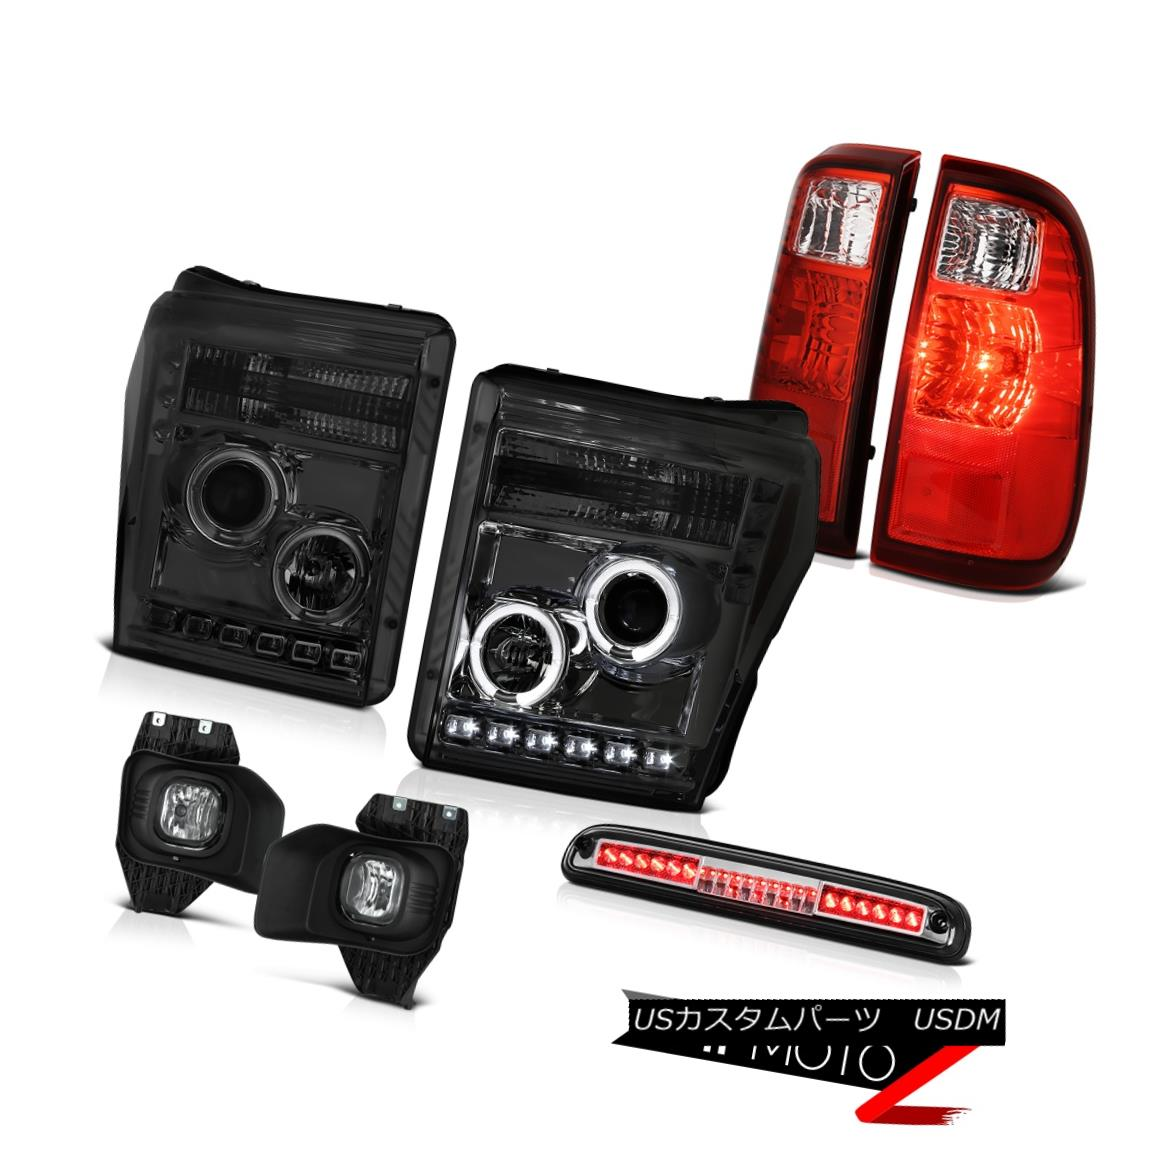 ヘッドライト 11-16 F250 Lariat High Stop Light Foglamps Wine Red Tail Brake Lamps Headlamps 11-16 F250ラリアートハイストップライトフォグランプワインレッドテールブレーキランプヘッドランプ